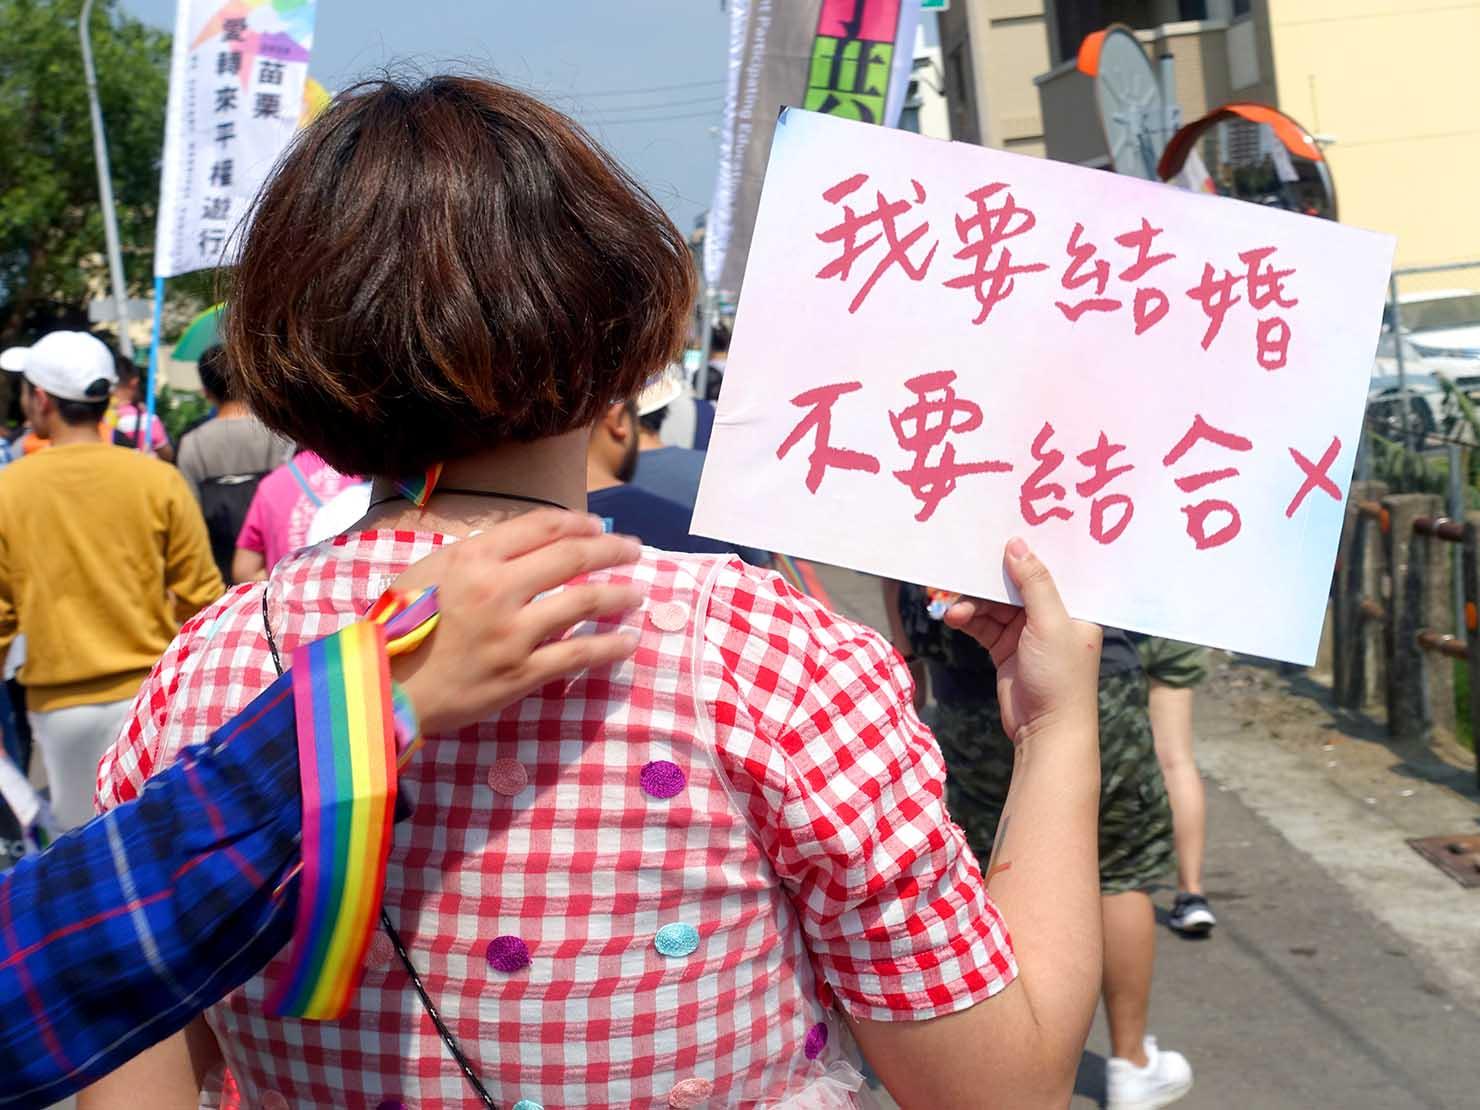 苗栗愛轉來平權遊行(苗栗LGBTプライド)2019のパレードで婚姻の平等を求めるプラカードを掲げる参加者